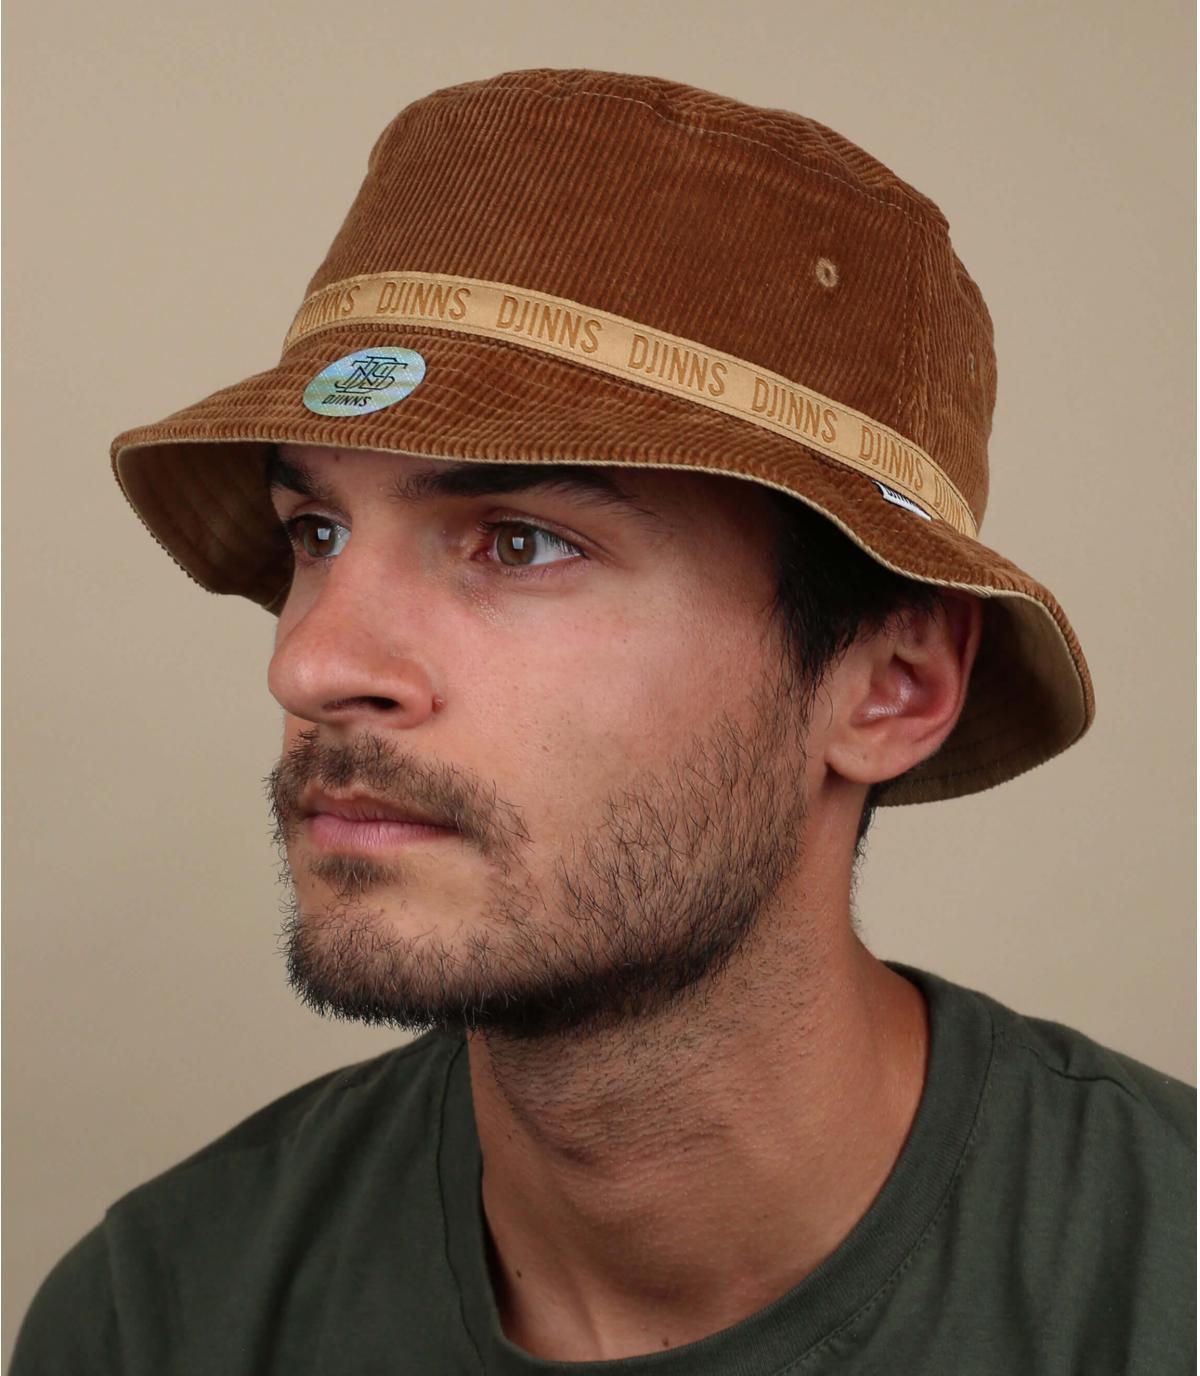 Djinns brown corduroy bucket hat